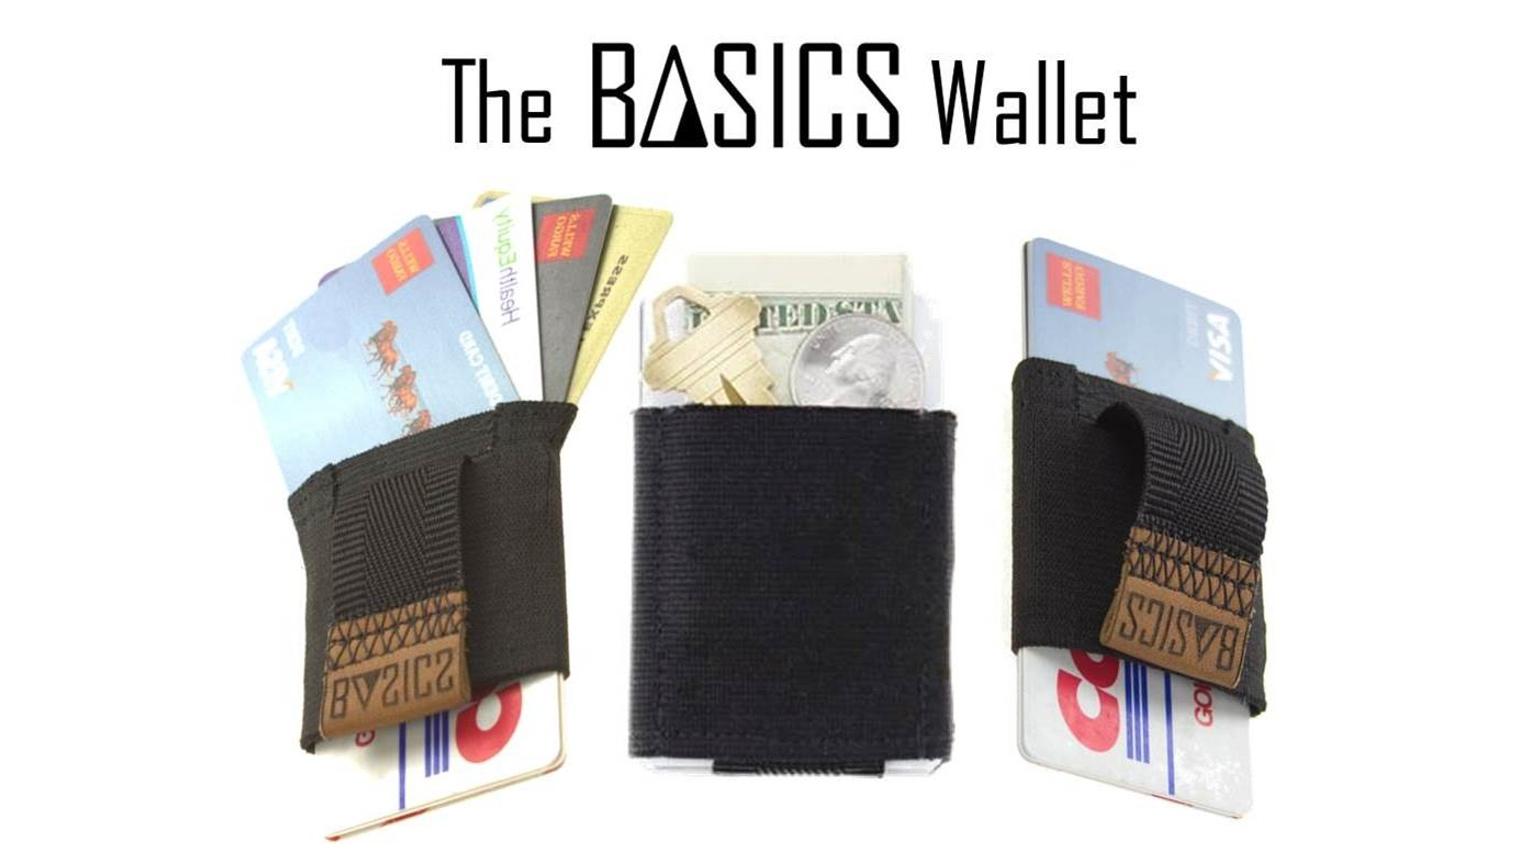 - 46 % - Geniale Geldbörse - Basic Wallet von Nomatic - 3 Stk. für 33,76€ € statt 62,55 € // nur 11,25 € p. Stk. (statt 20,85 € p. Stk.)